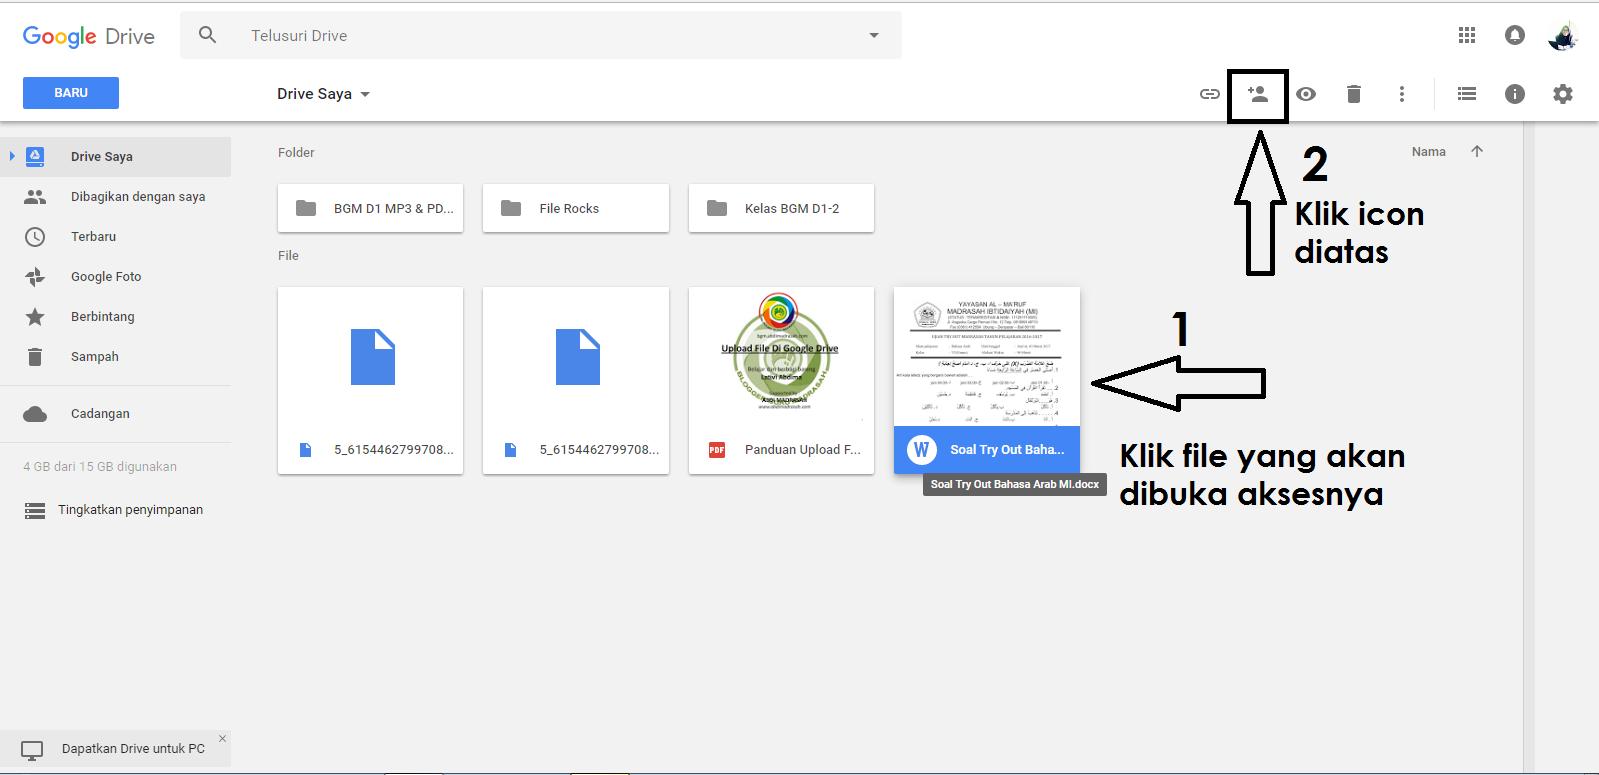 Cara Agar File Dalam Google Drive Dapat Di Akses Atau Di Download Oleh Publik Oppmi